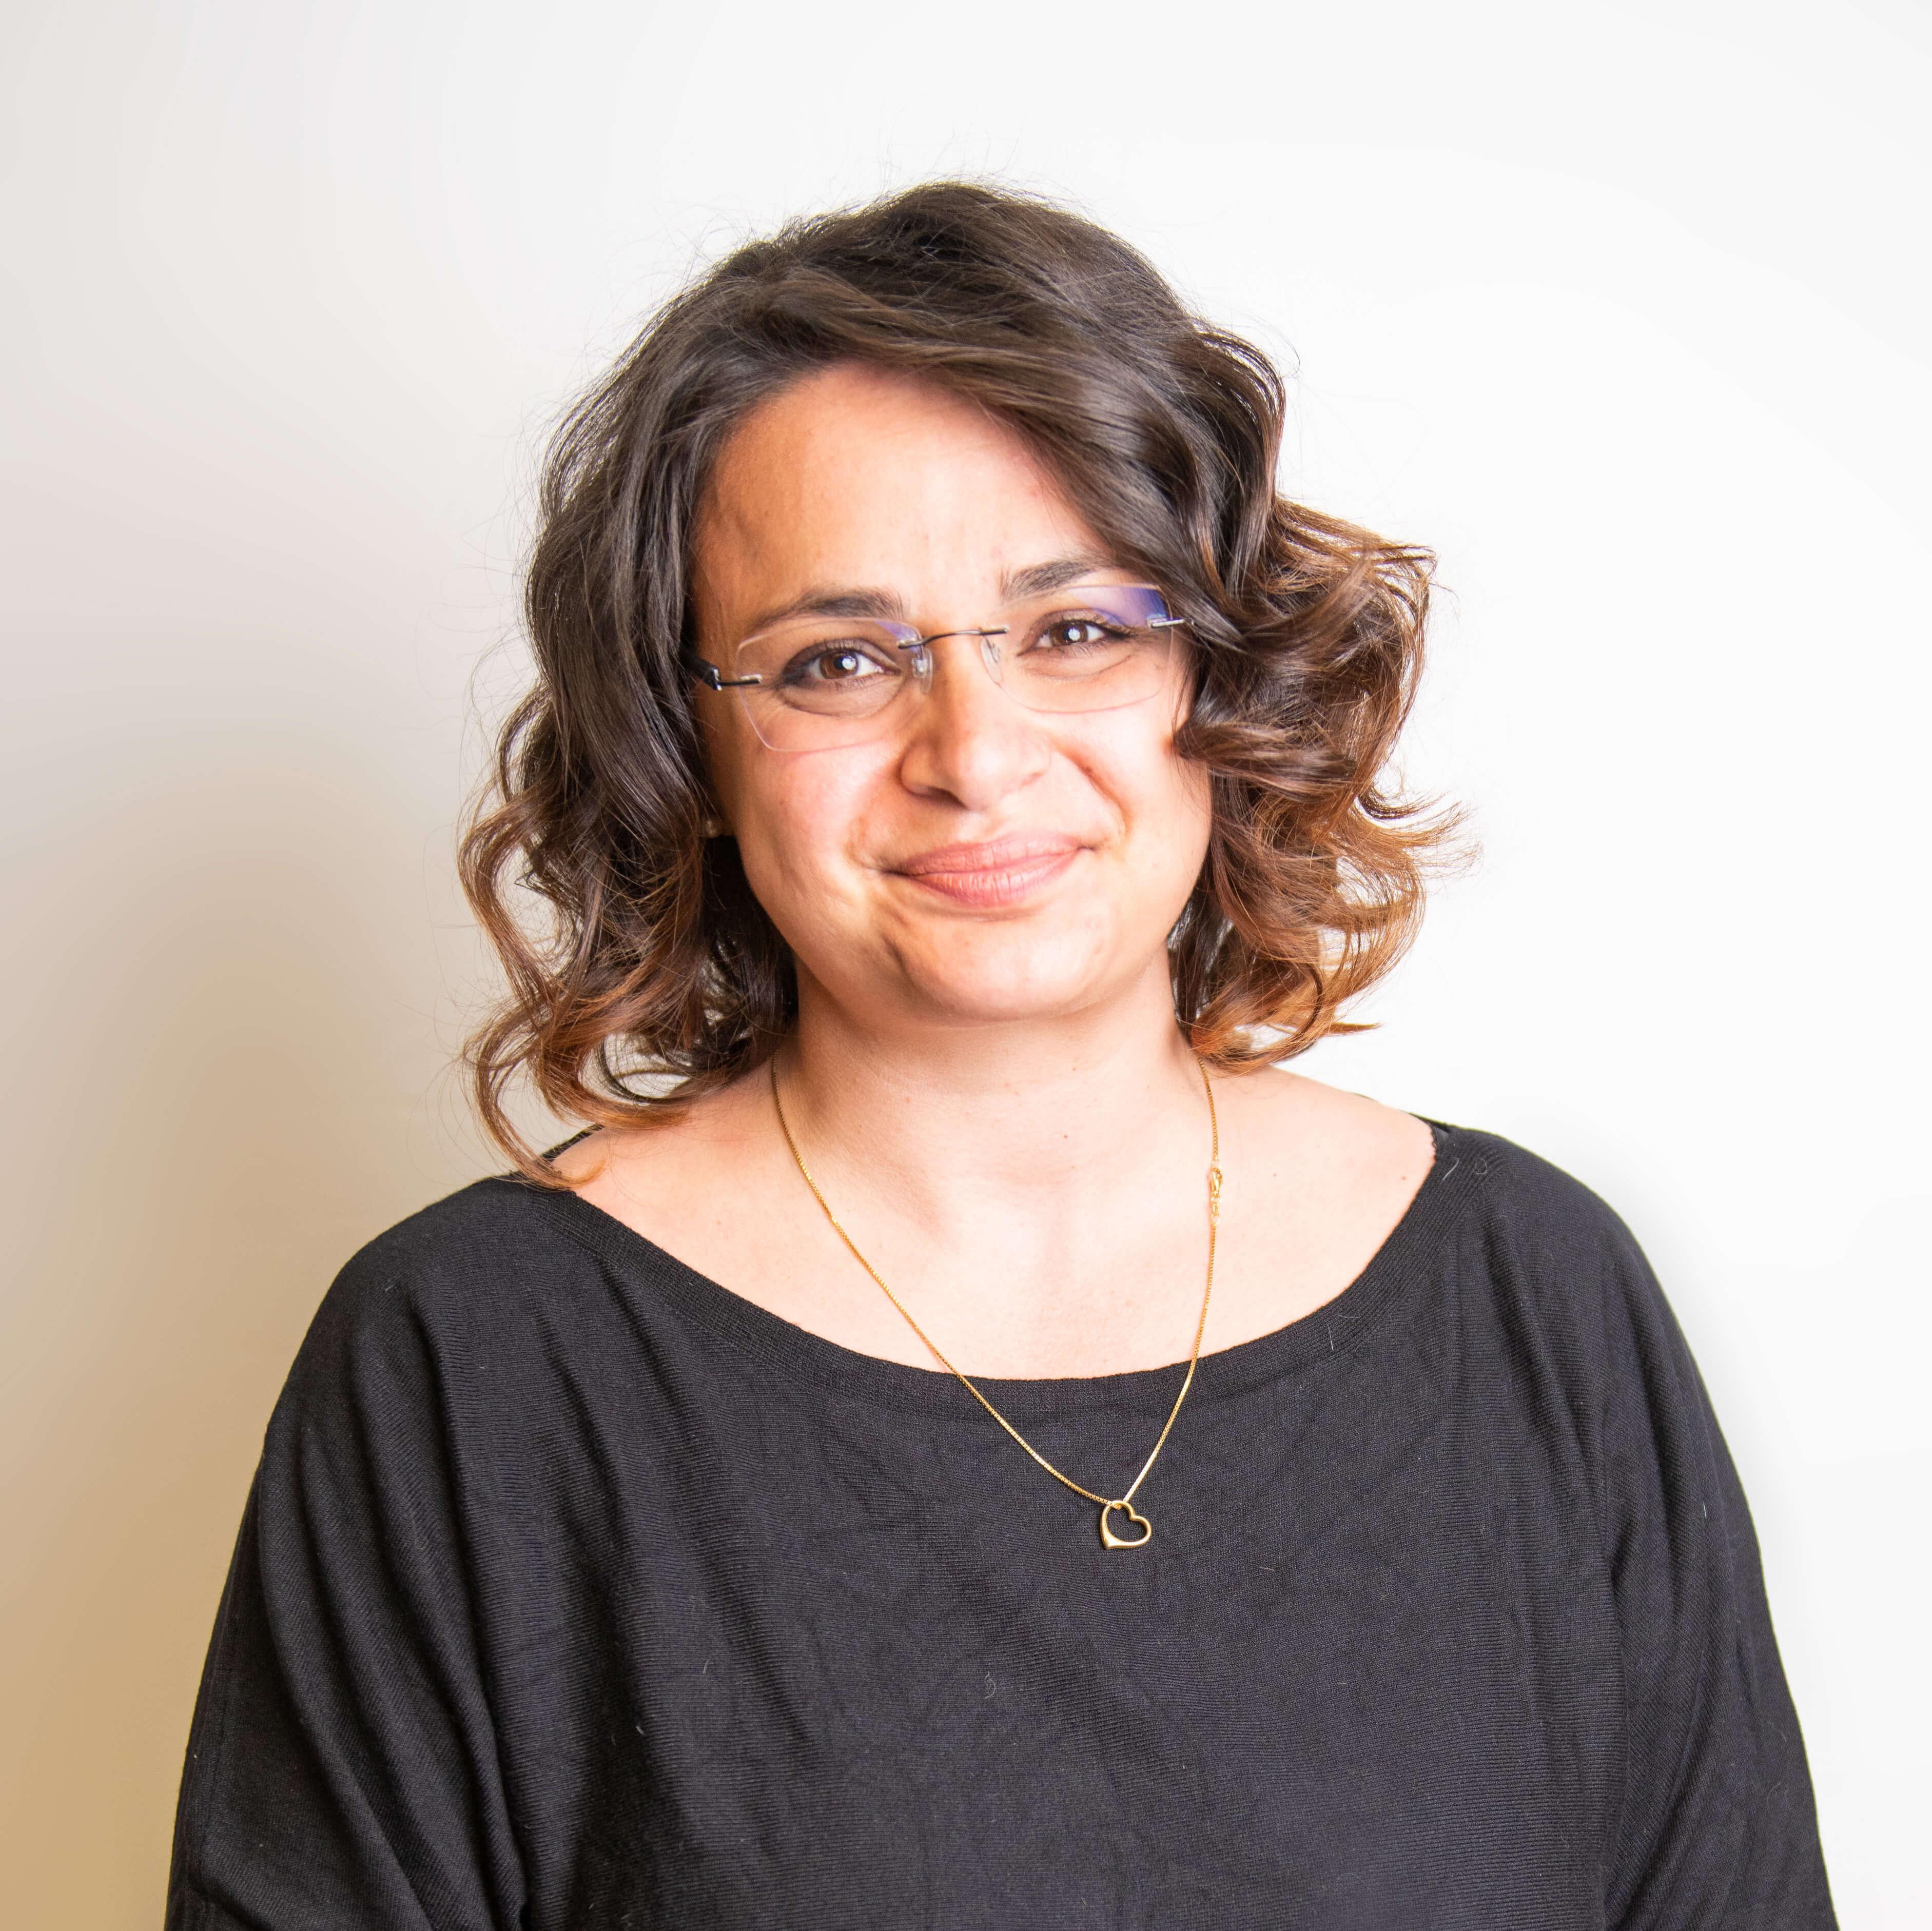 https://www.haar-werk.ch/wp-content/uploads/2021/04/210423_Portraits_Haarwerk-6.jpg